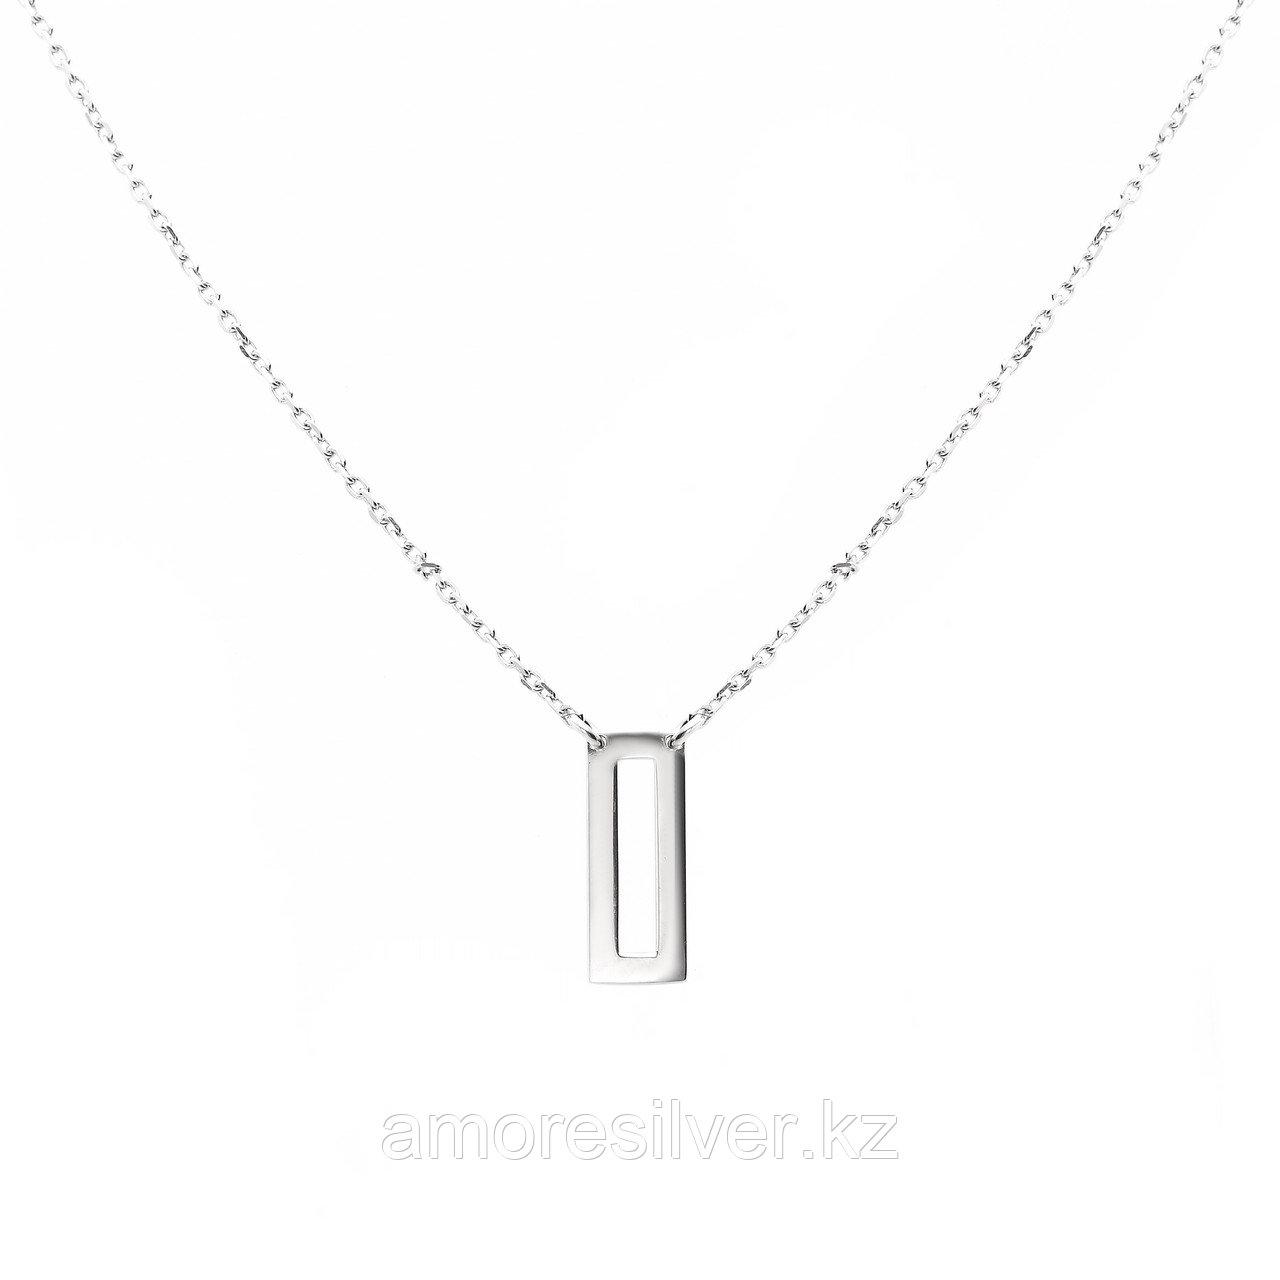 Колье TEOSA серебро с родием, без вставок, фантазия 901040224